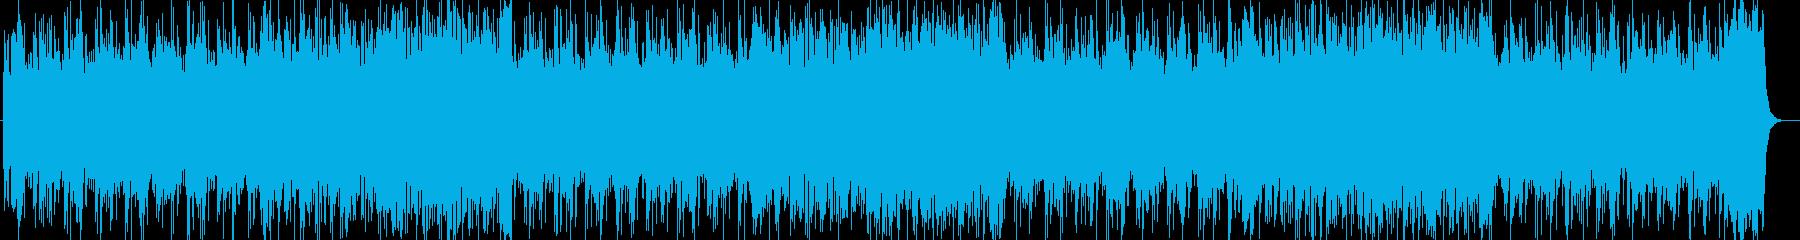 RPGのようなオーケストラ風サウンドの再生済みの波形